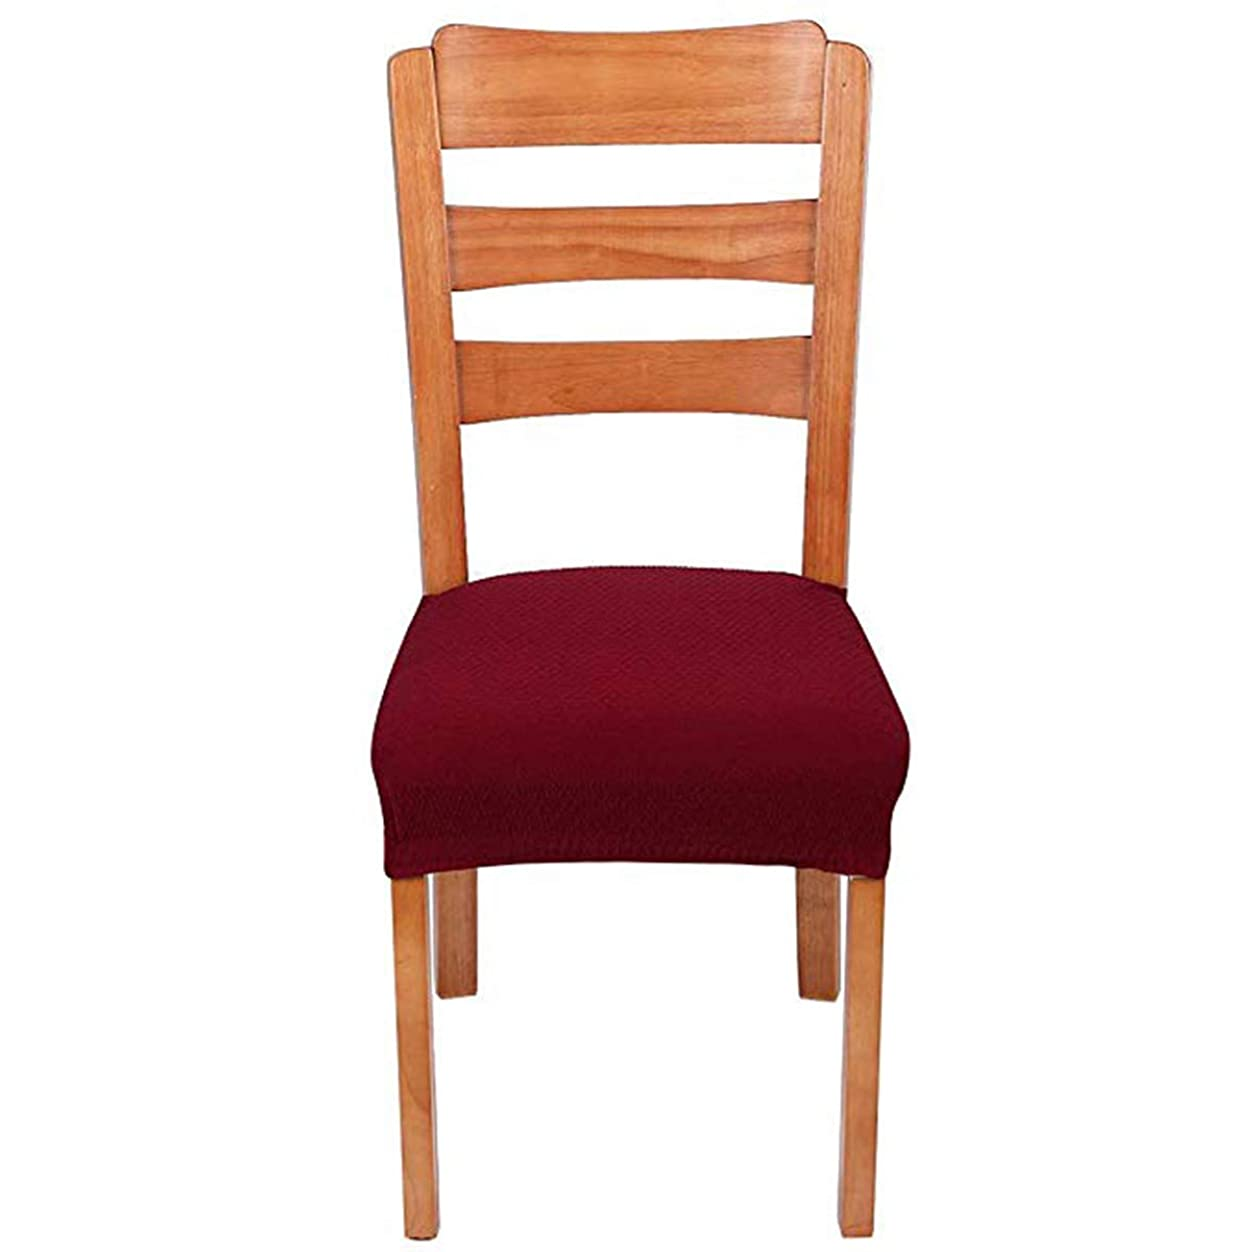 告白情緒的使役LECKY座面カバー,4枚 椅子カバー 座面 チェアカバー 伸縮素材 ストレッチ ふわふわ 家庭 ホテル用 ウェディング 結婚式 ダイニングチェア カバー 可能 洗える